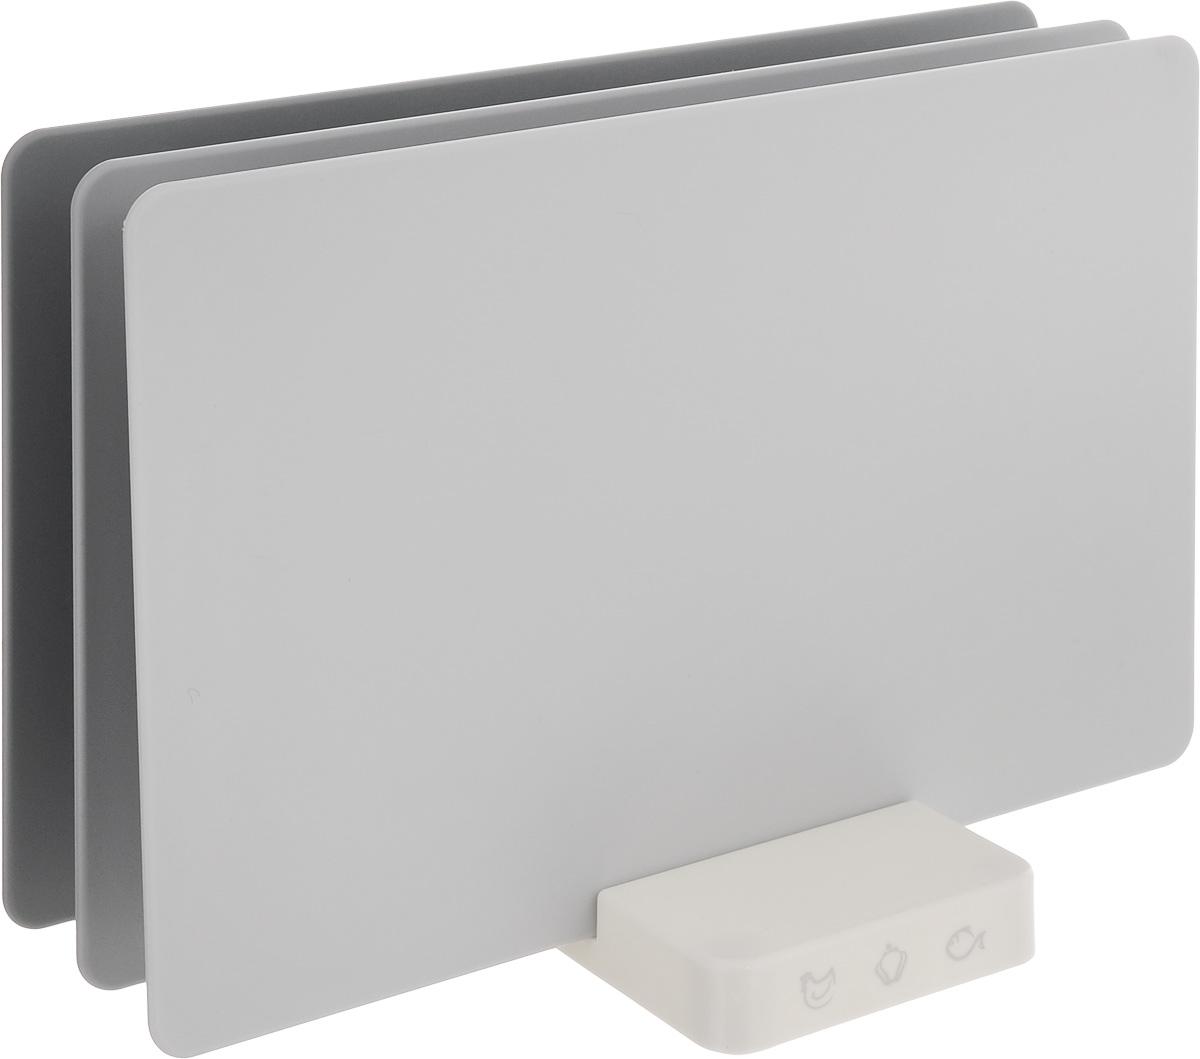 Набор разделочных досок Apollo Axioma, цвет: серый, 4 предметаAXM-01_серНабор Apollo Axioma состоит из трех прямоугольных разделочных досок, помещенных в подставку. Это делает набор не только многофункциональным, но и очень удобным для хранения на кухне. Доски выполнены из пищевого пластика с защитным покрытием от солнечных лучей и антибактериальным покрытием, которое препятствует размножению вредных микробов. Уникальная конструкция подставки позволяет расположить доски вертикально или горизонтально. Для комфортного использования на дне подставки расположены противоскользящие вставки. Набор разделочных досок Apollo Acabo станет незаменимым и полезным аксессуаром на вашей кухне, который к тому же и стильно дополнит интерьер. Доски можно мыть в посудомоечной машине. Подставку не рекомендуется мыть в посудомоечной машине, так как это может привести к повреждению покрытия. Размеры доски: 28,5 х 18,5 см. Размер подставки: 9 х 14 х 2 см.